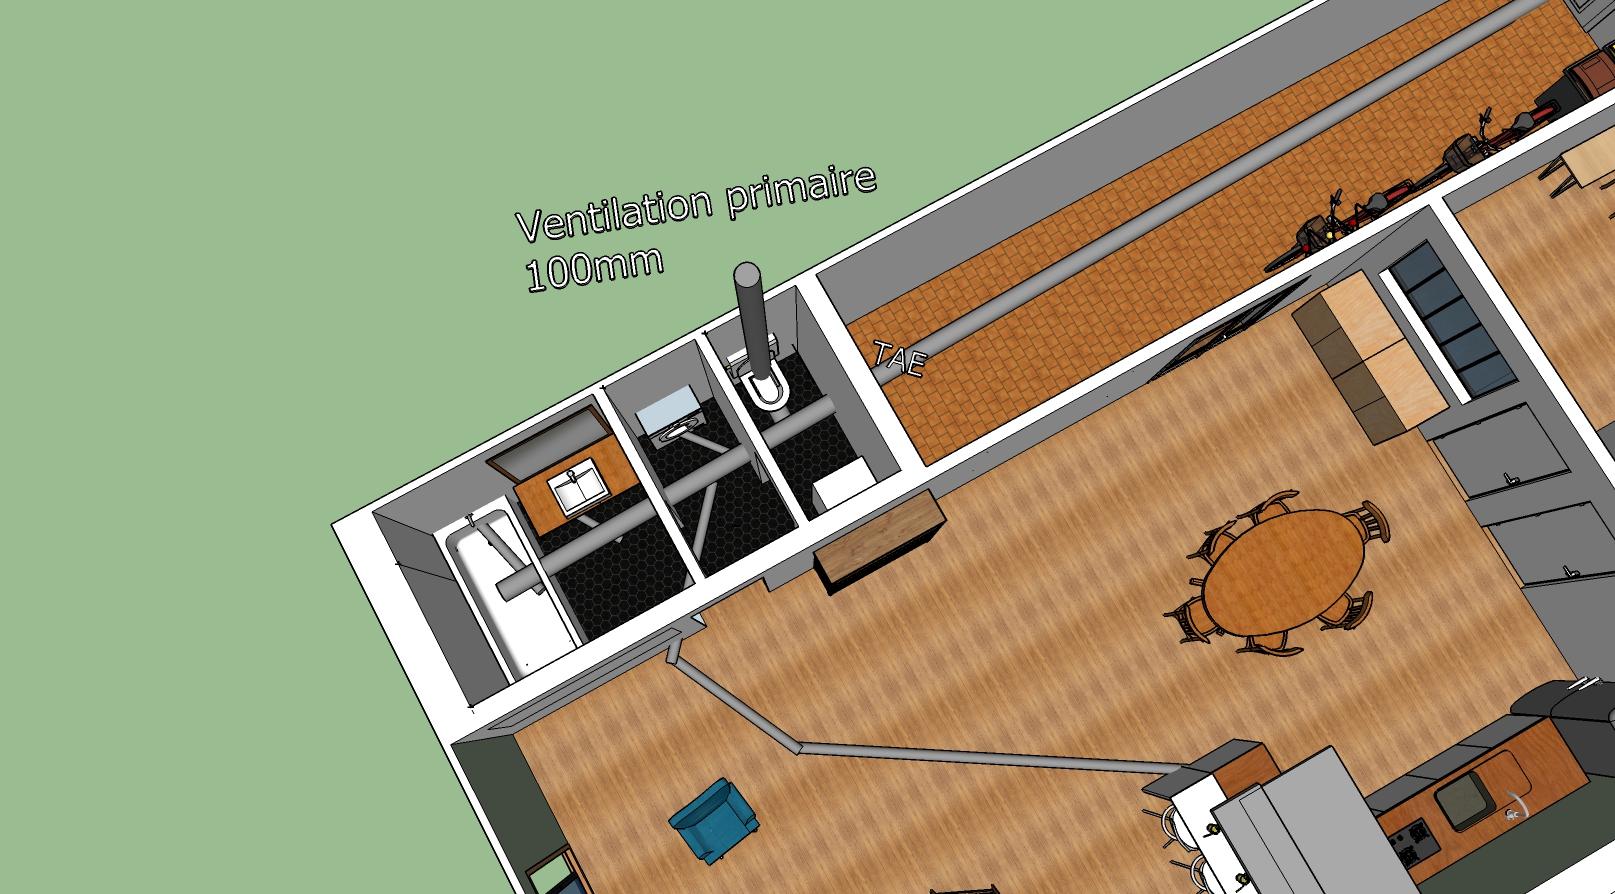 maison plomberie v2.jpg, 789.4 kb, 1615 x 894